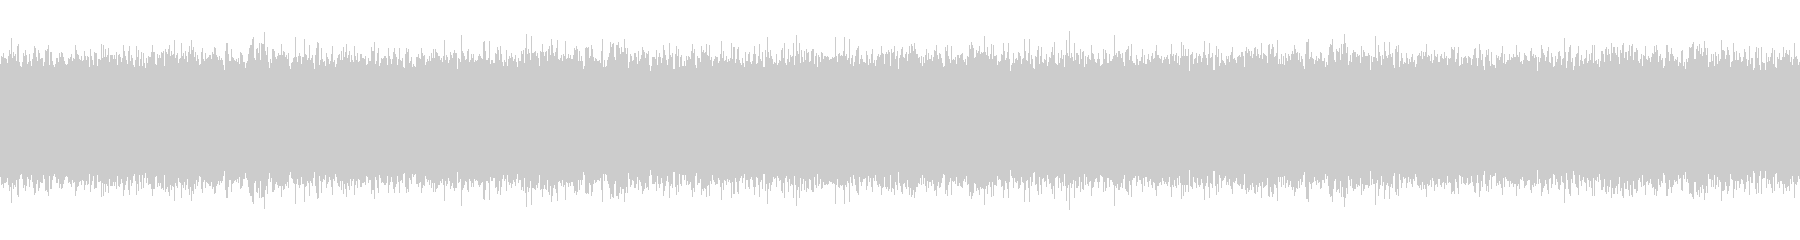 ほのぼの動画用BGM ループ HM002の未再生の波形